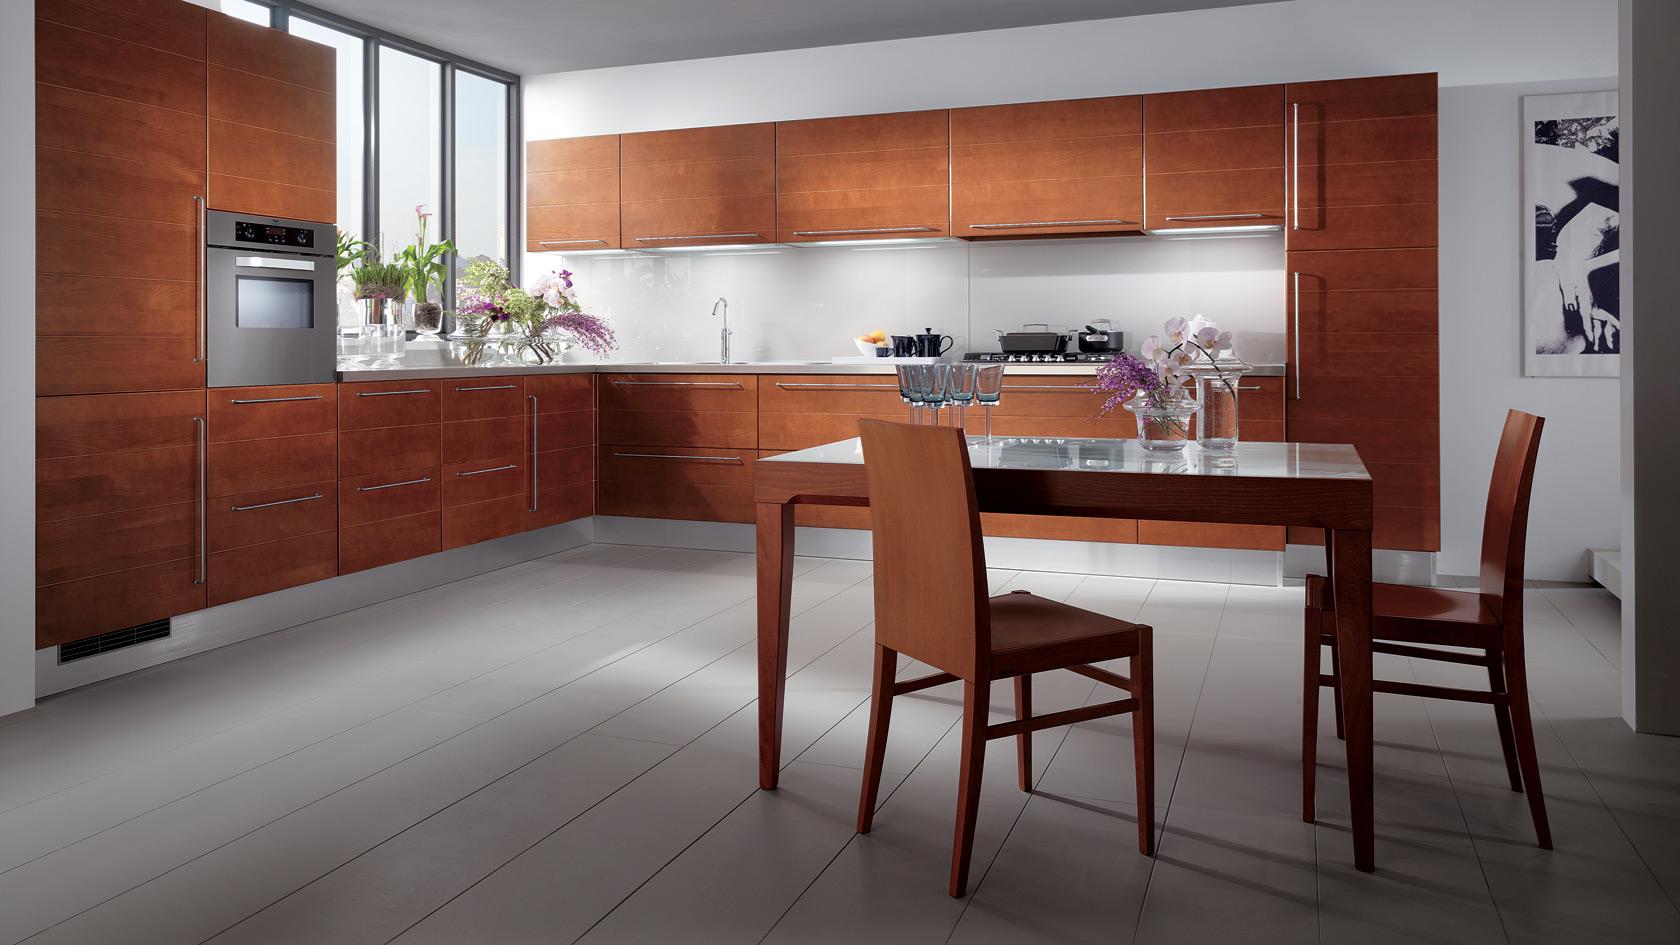 Ante Cucina Ciliegio – Solo un\'altra idea di immagine decorativa